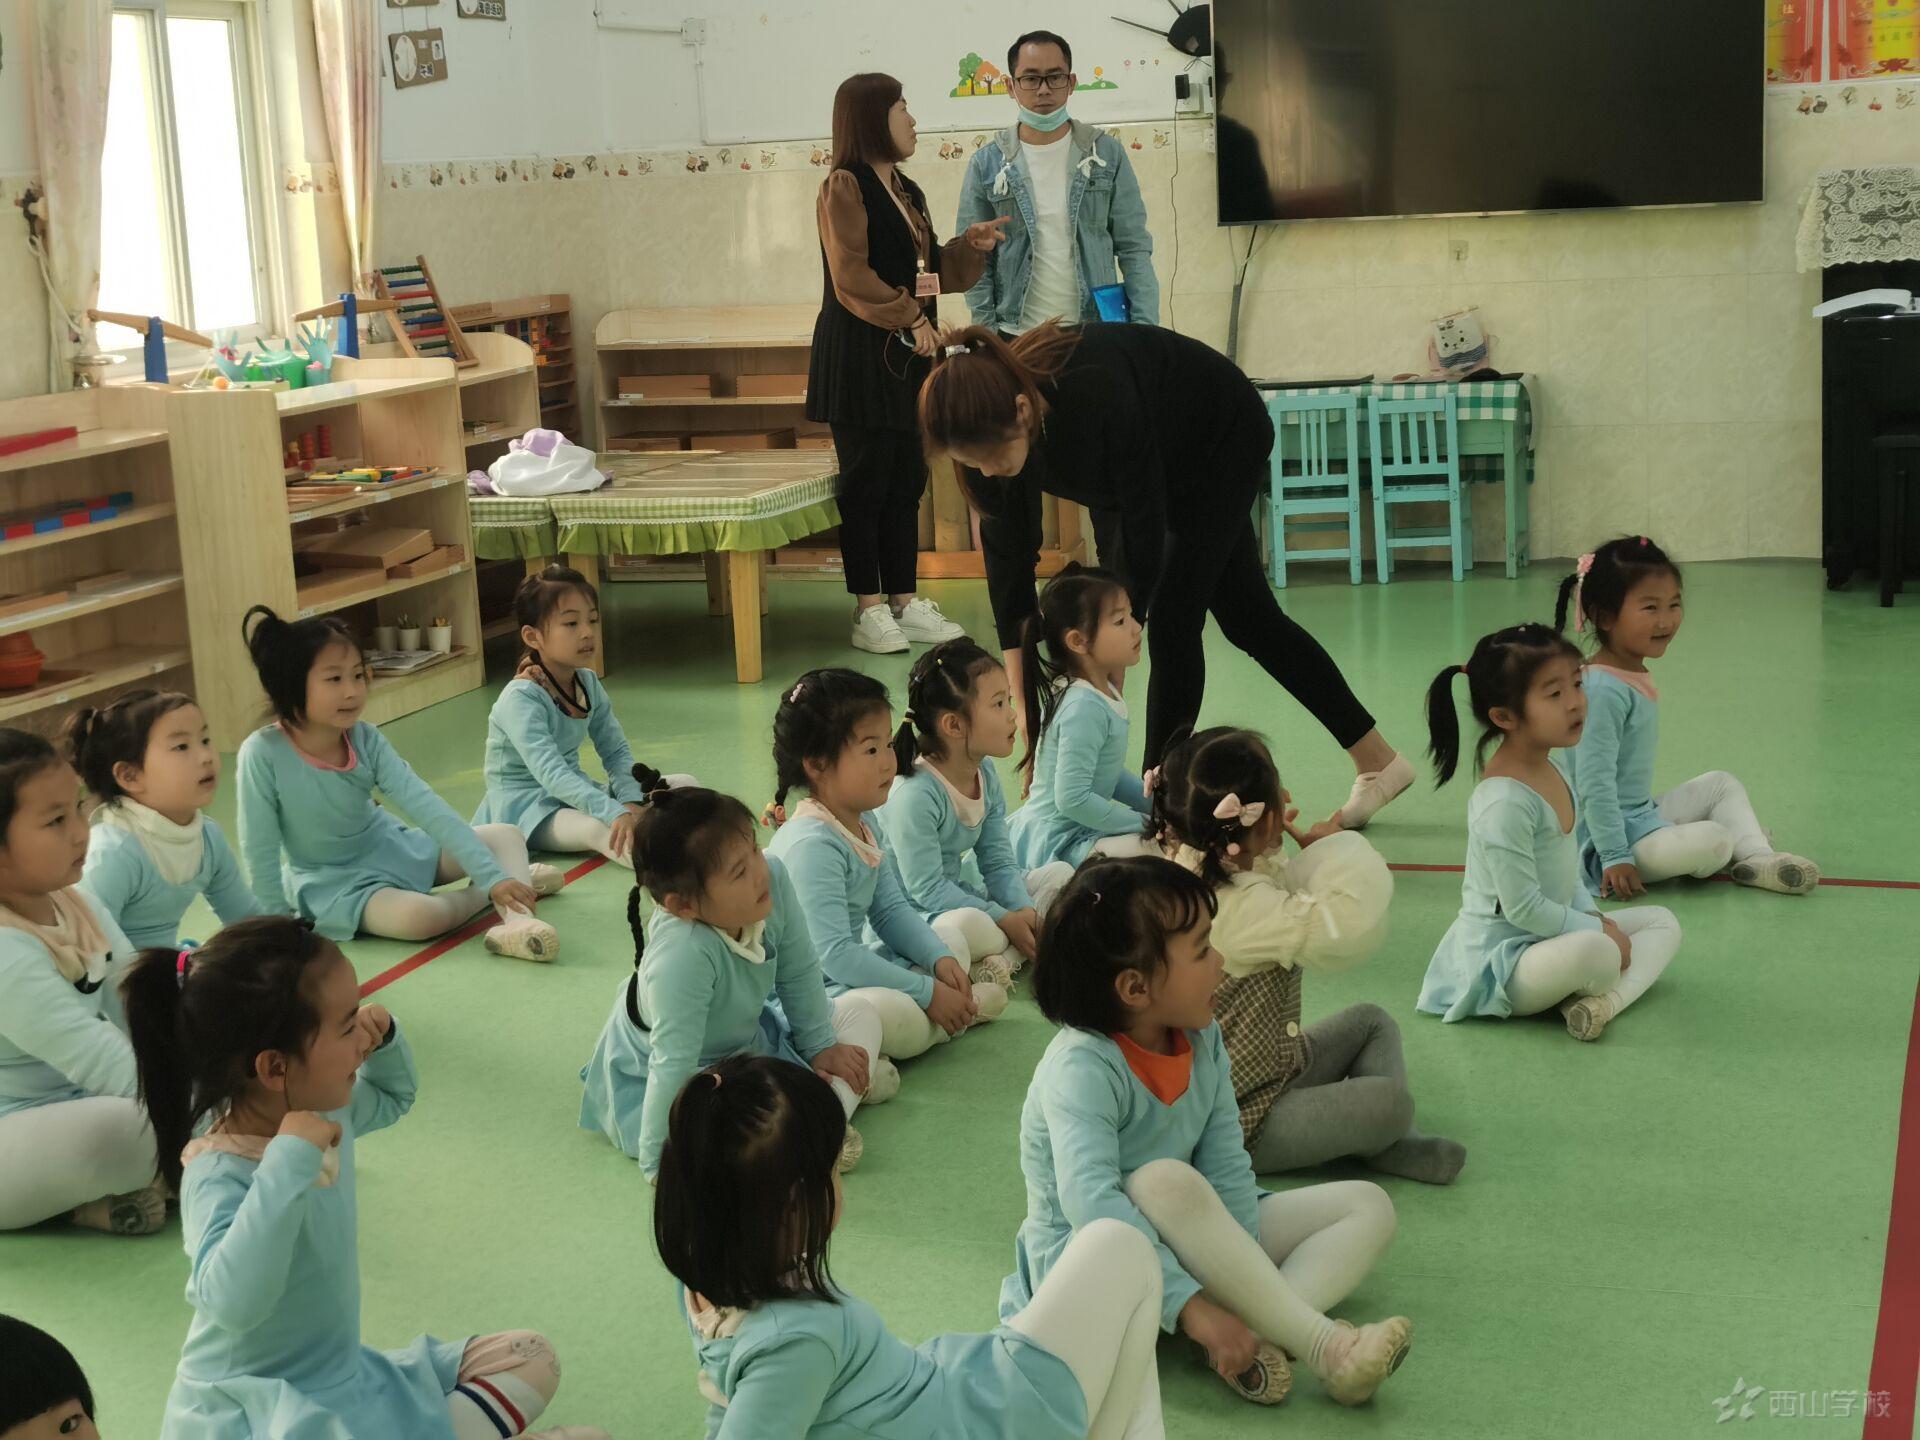 迎督导检查,促幼儿成长 ——福清市幼儿园迎接督导检查工作